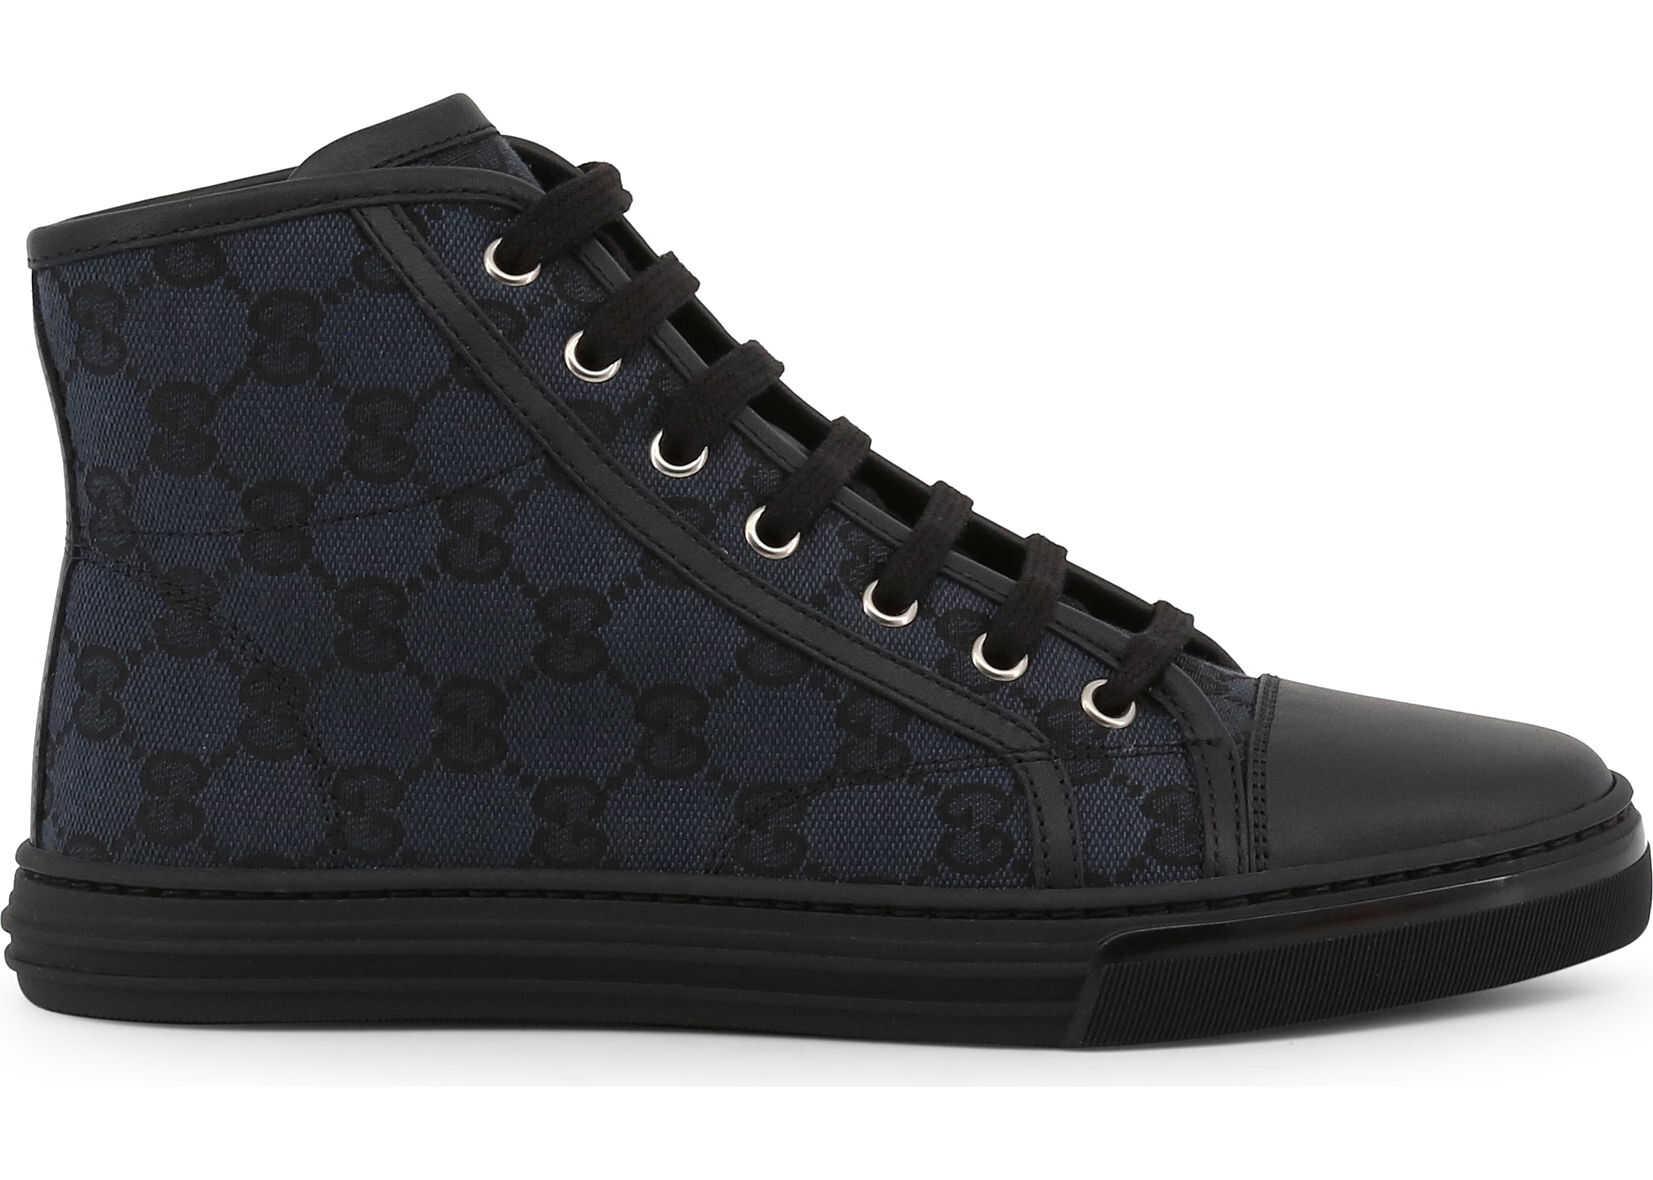 Gucci 426186_Kqwm0 BLACK